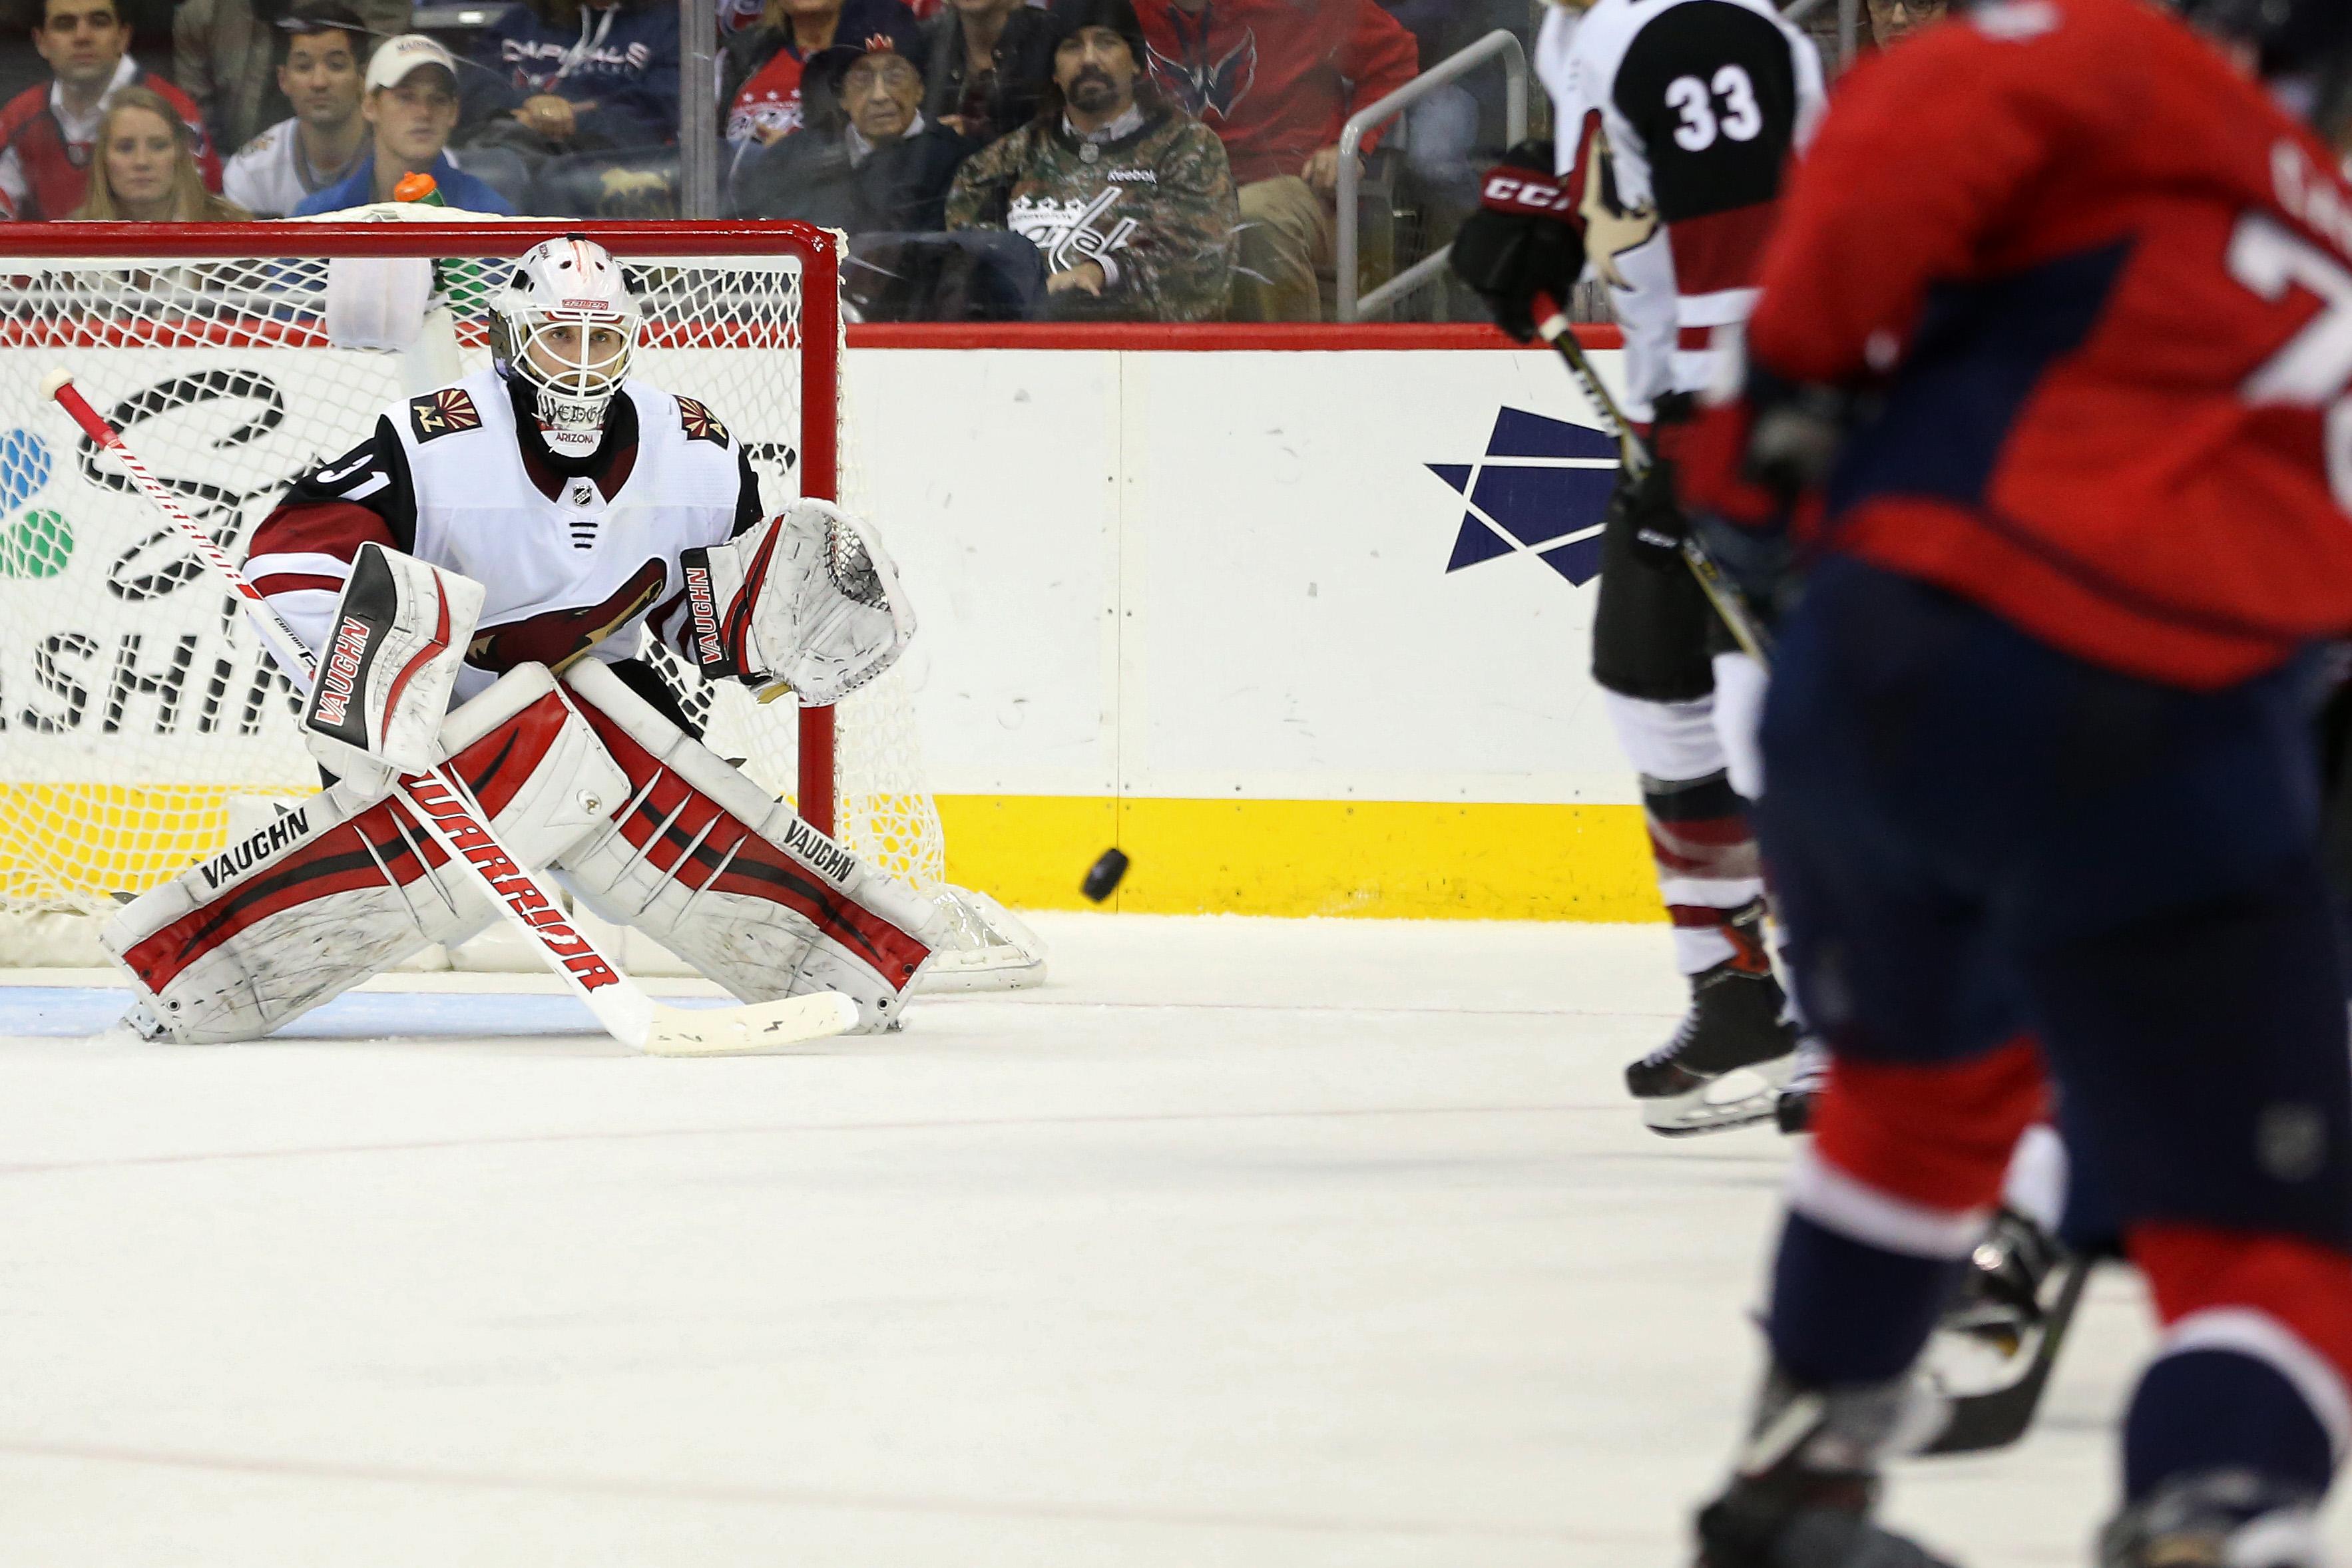 NHL: Arizona Coyotes at Washington Capitals